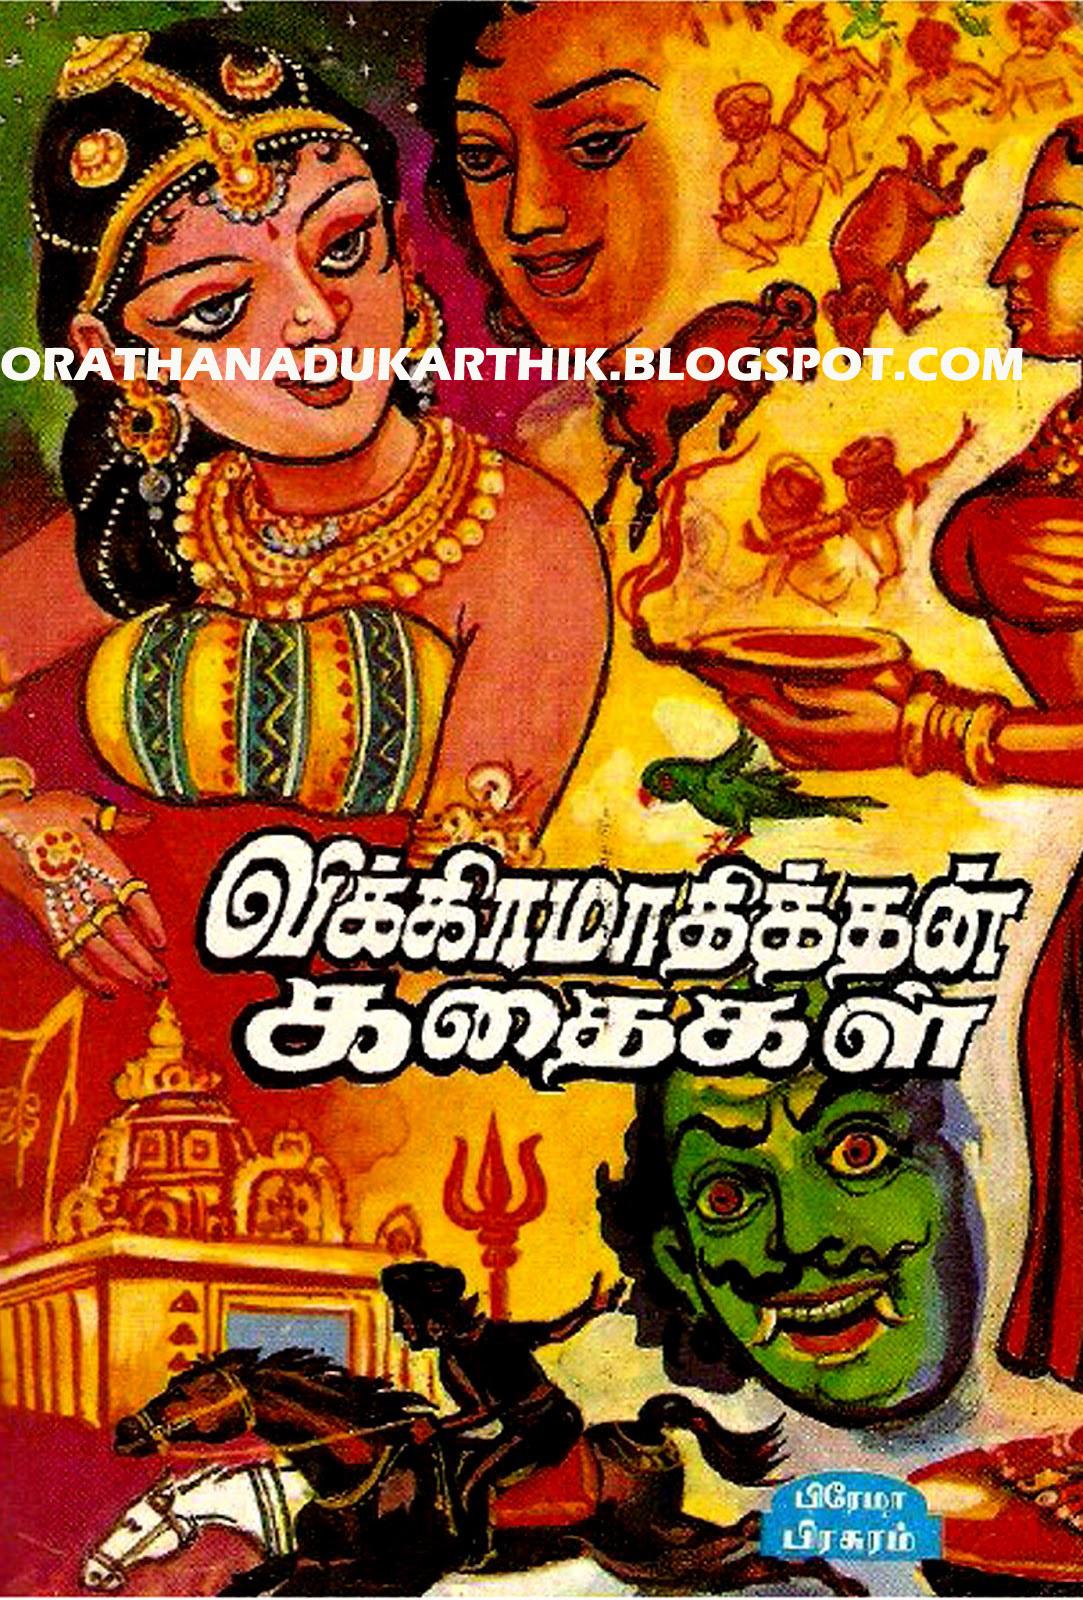 விக்கிரமாதித்தன்,தெனாலிராமன்,பீர்பால்,முல்லா கதைகள் தமிழில் இலவசமாக டவுன்லோட் செய்ய - Page 2 Vikramathithan+kathaigal+copy